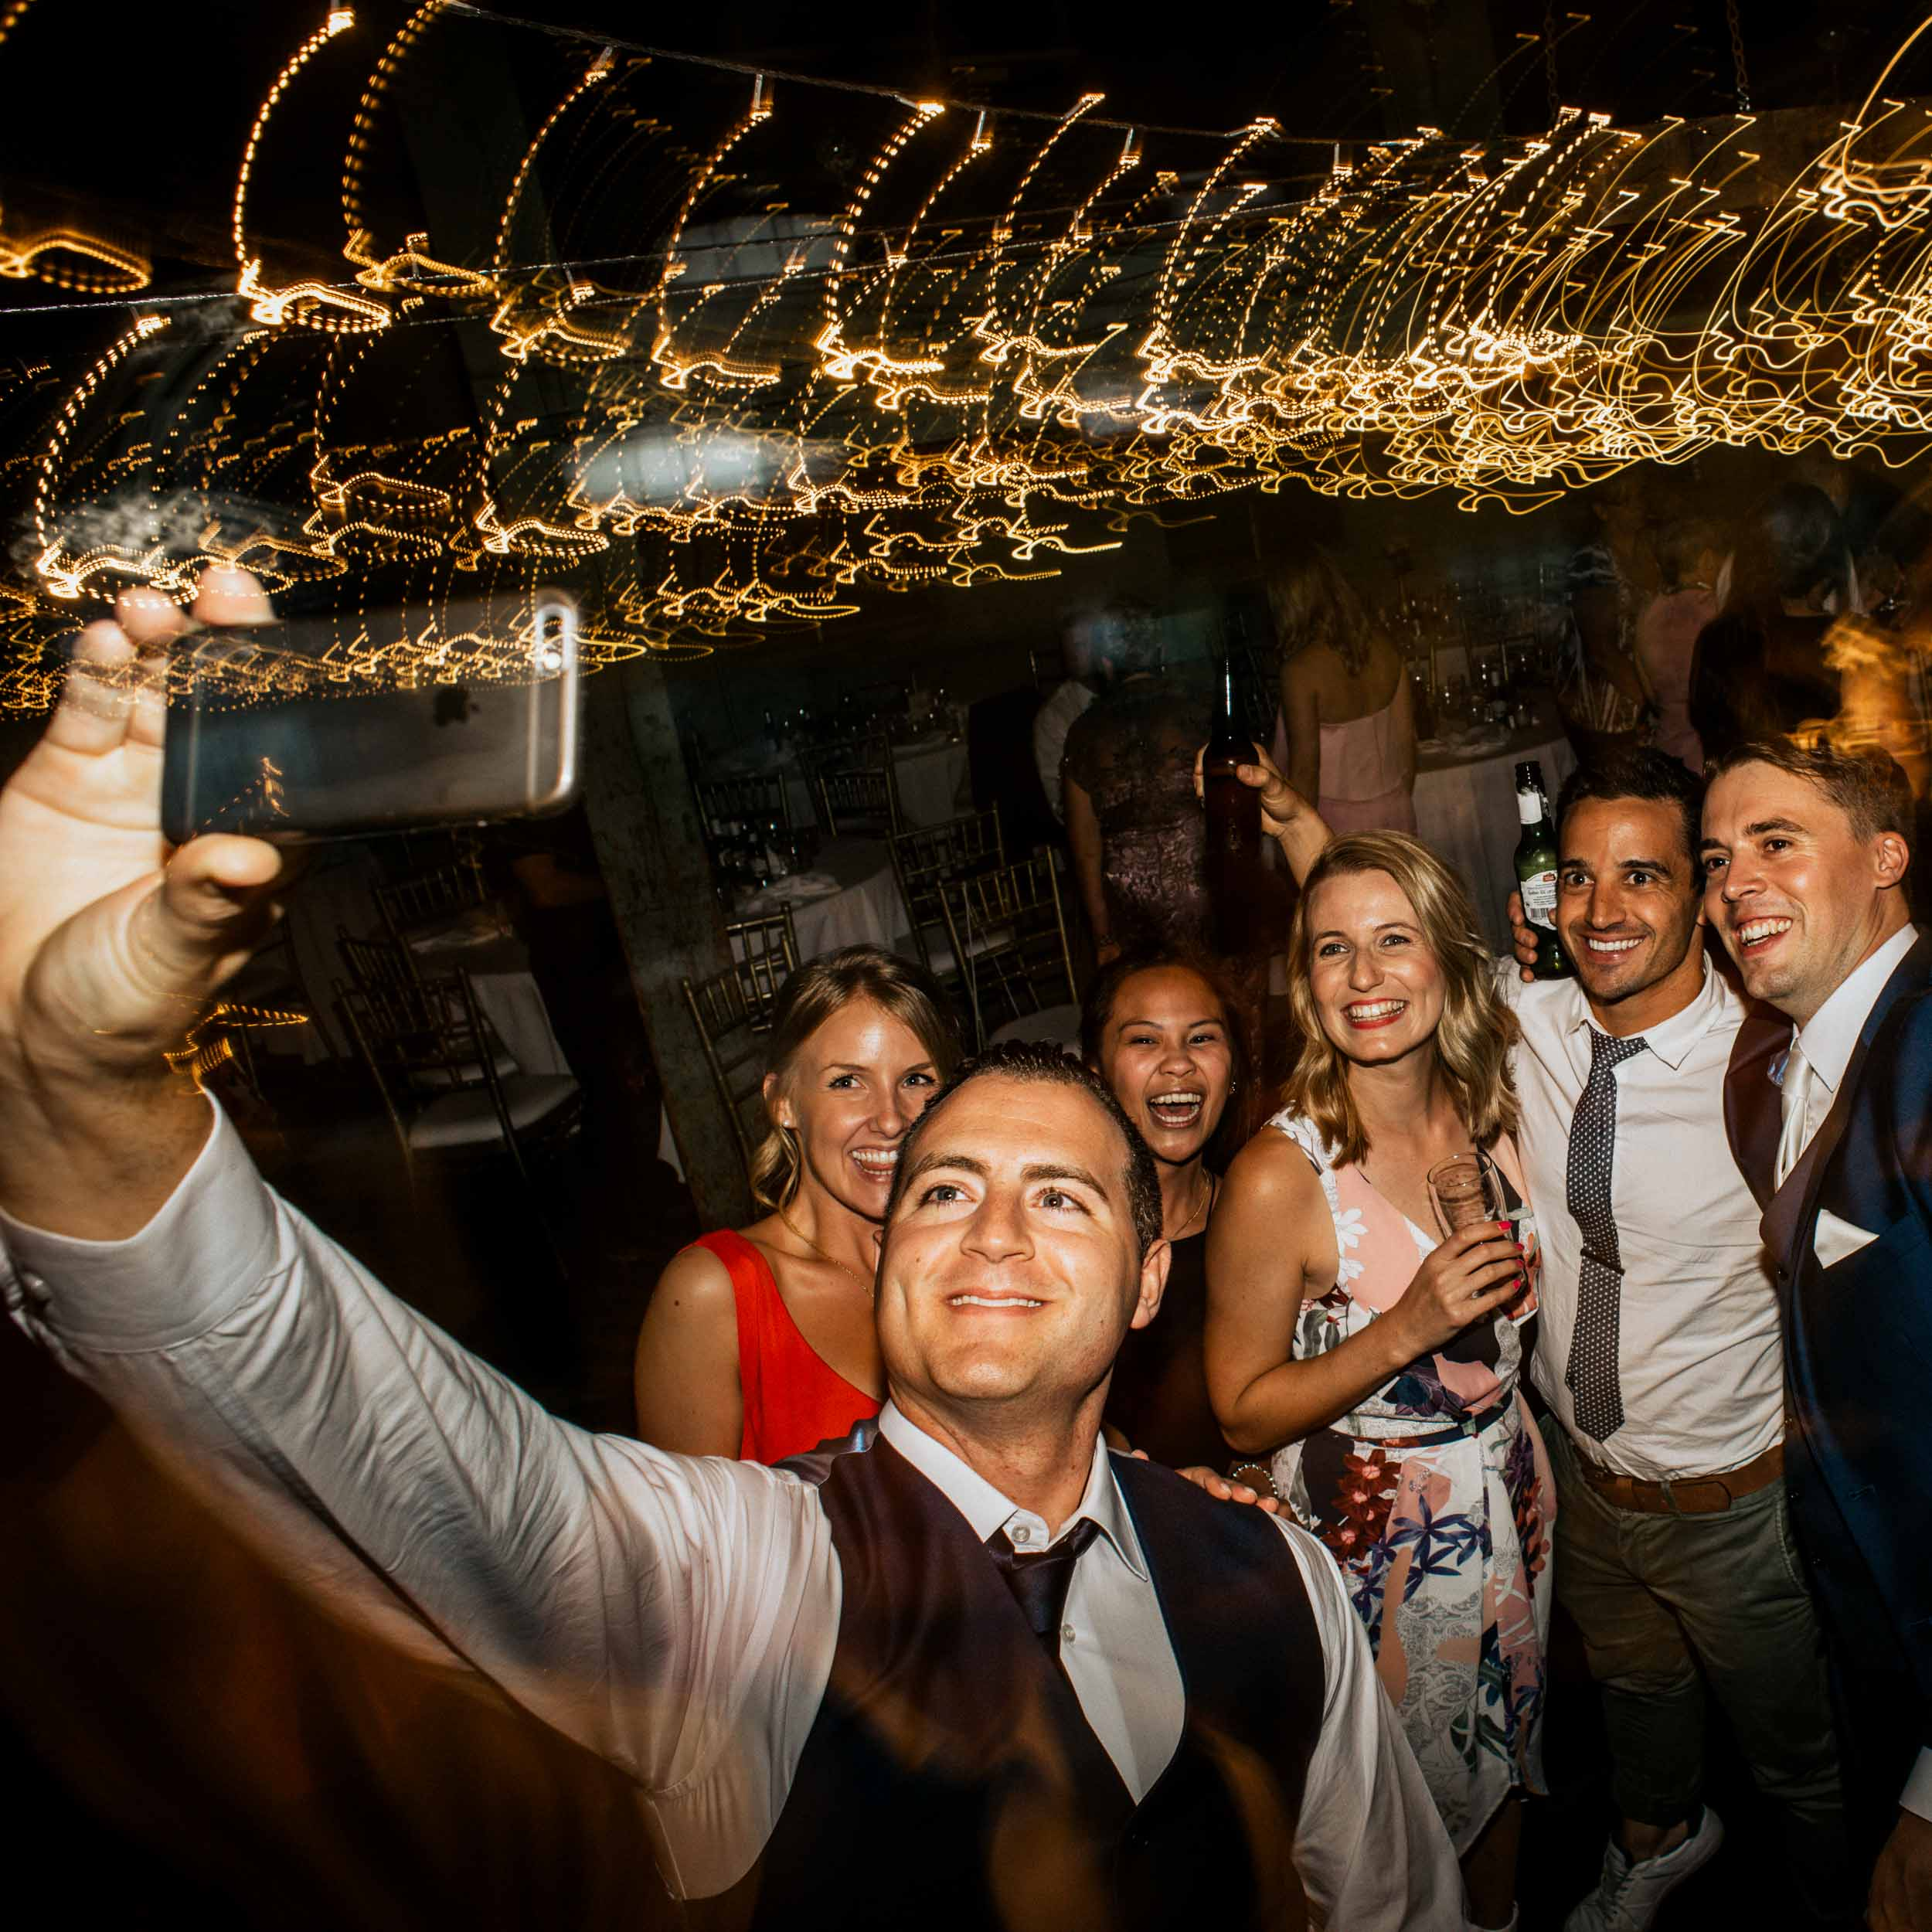 wedding-photography-stratford-davidiam-150.jpg